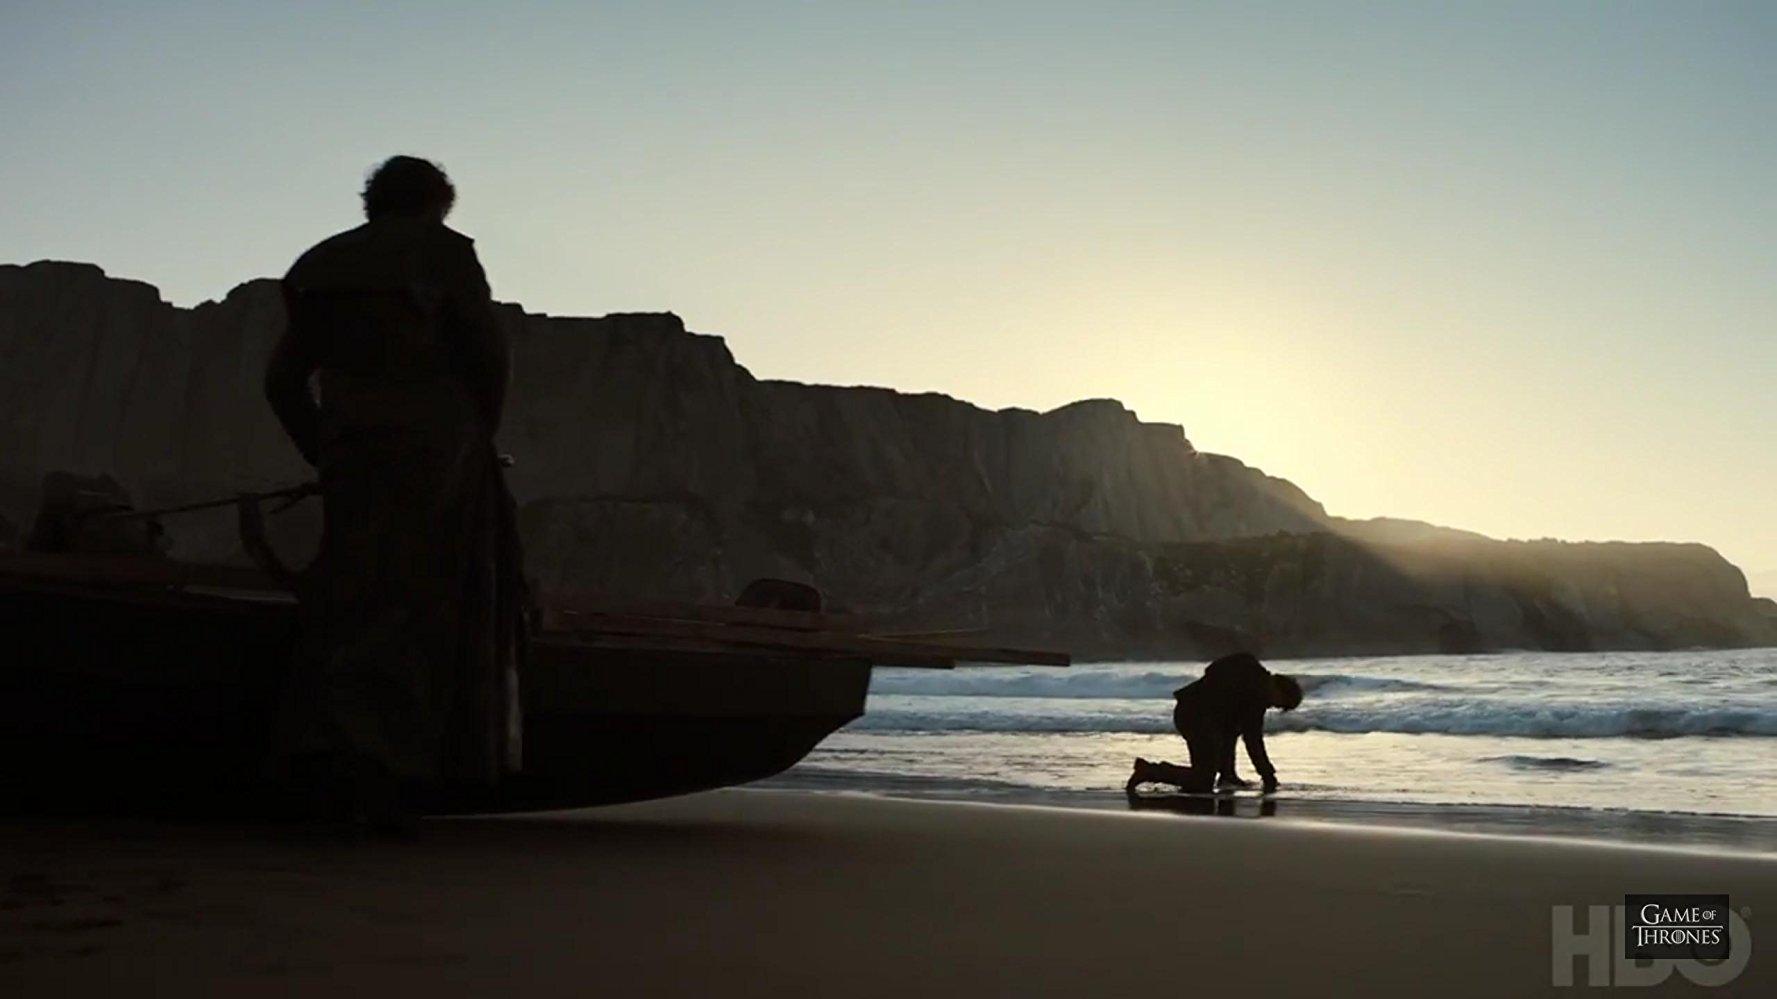 Tập cuối Game of Thrones mùa 7 - Bức Tường sụp đổ - Ảnh 3.